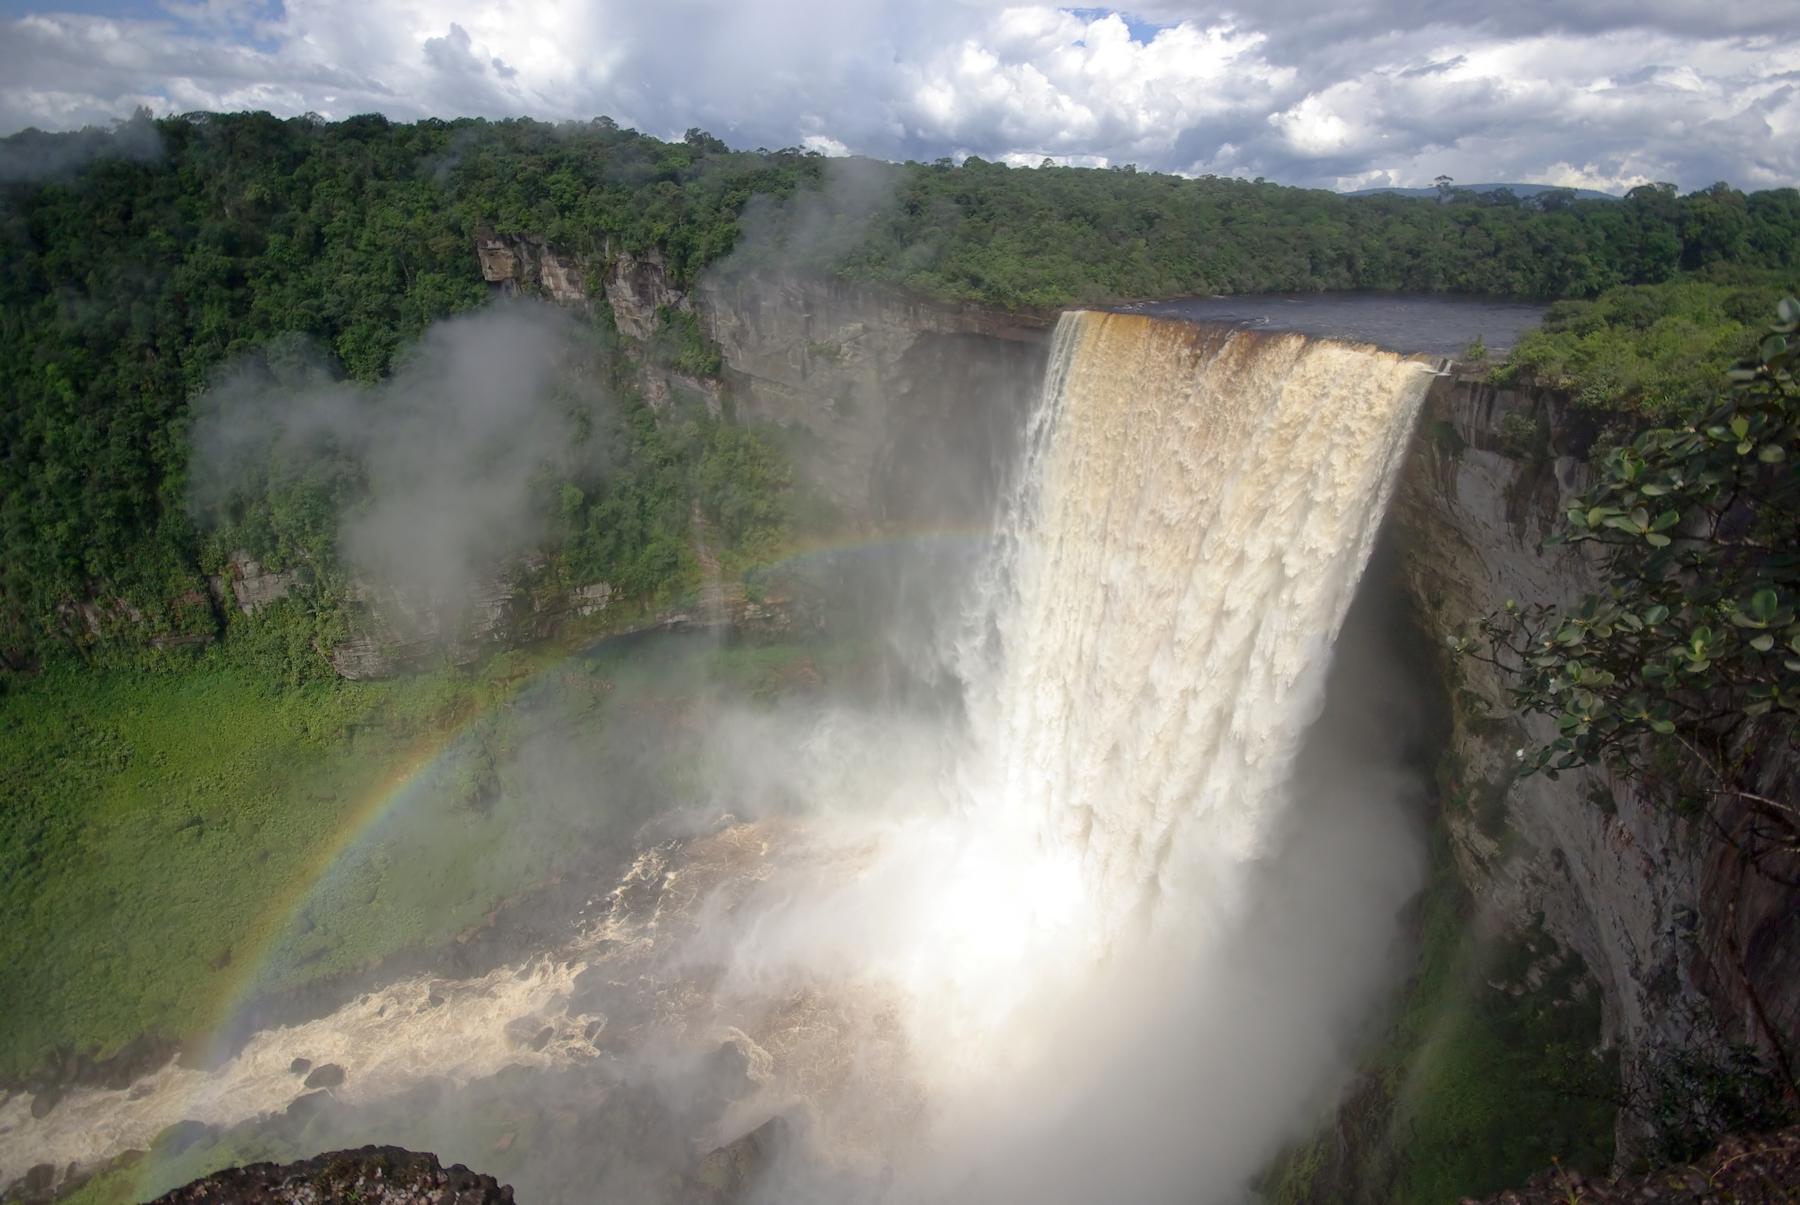 Самые живописные водопады планеты — Кайетур (Kaieteur Falls) в Гайане